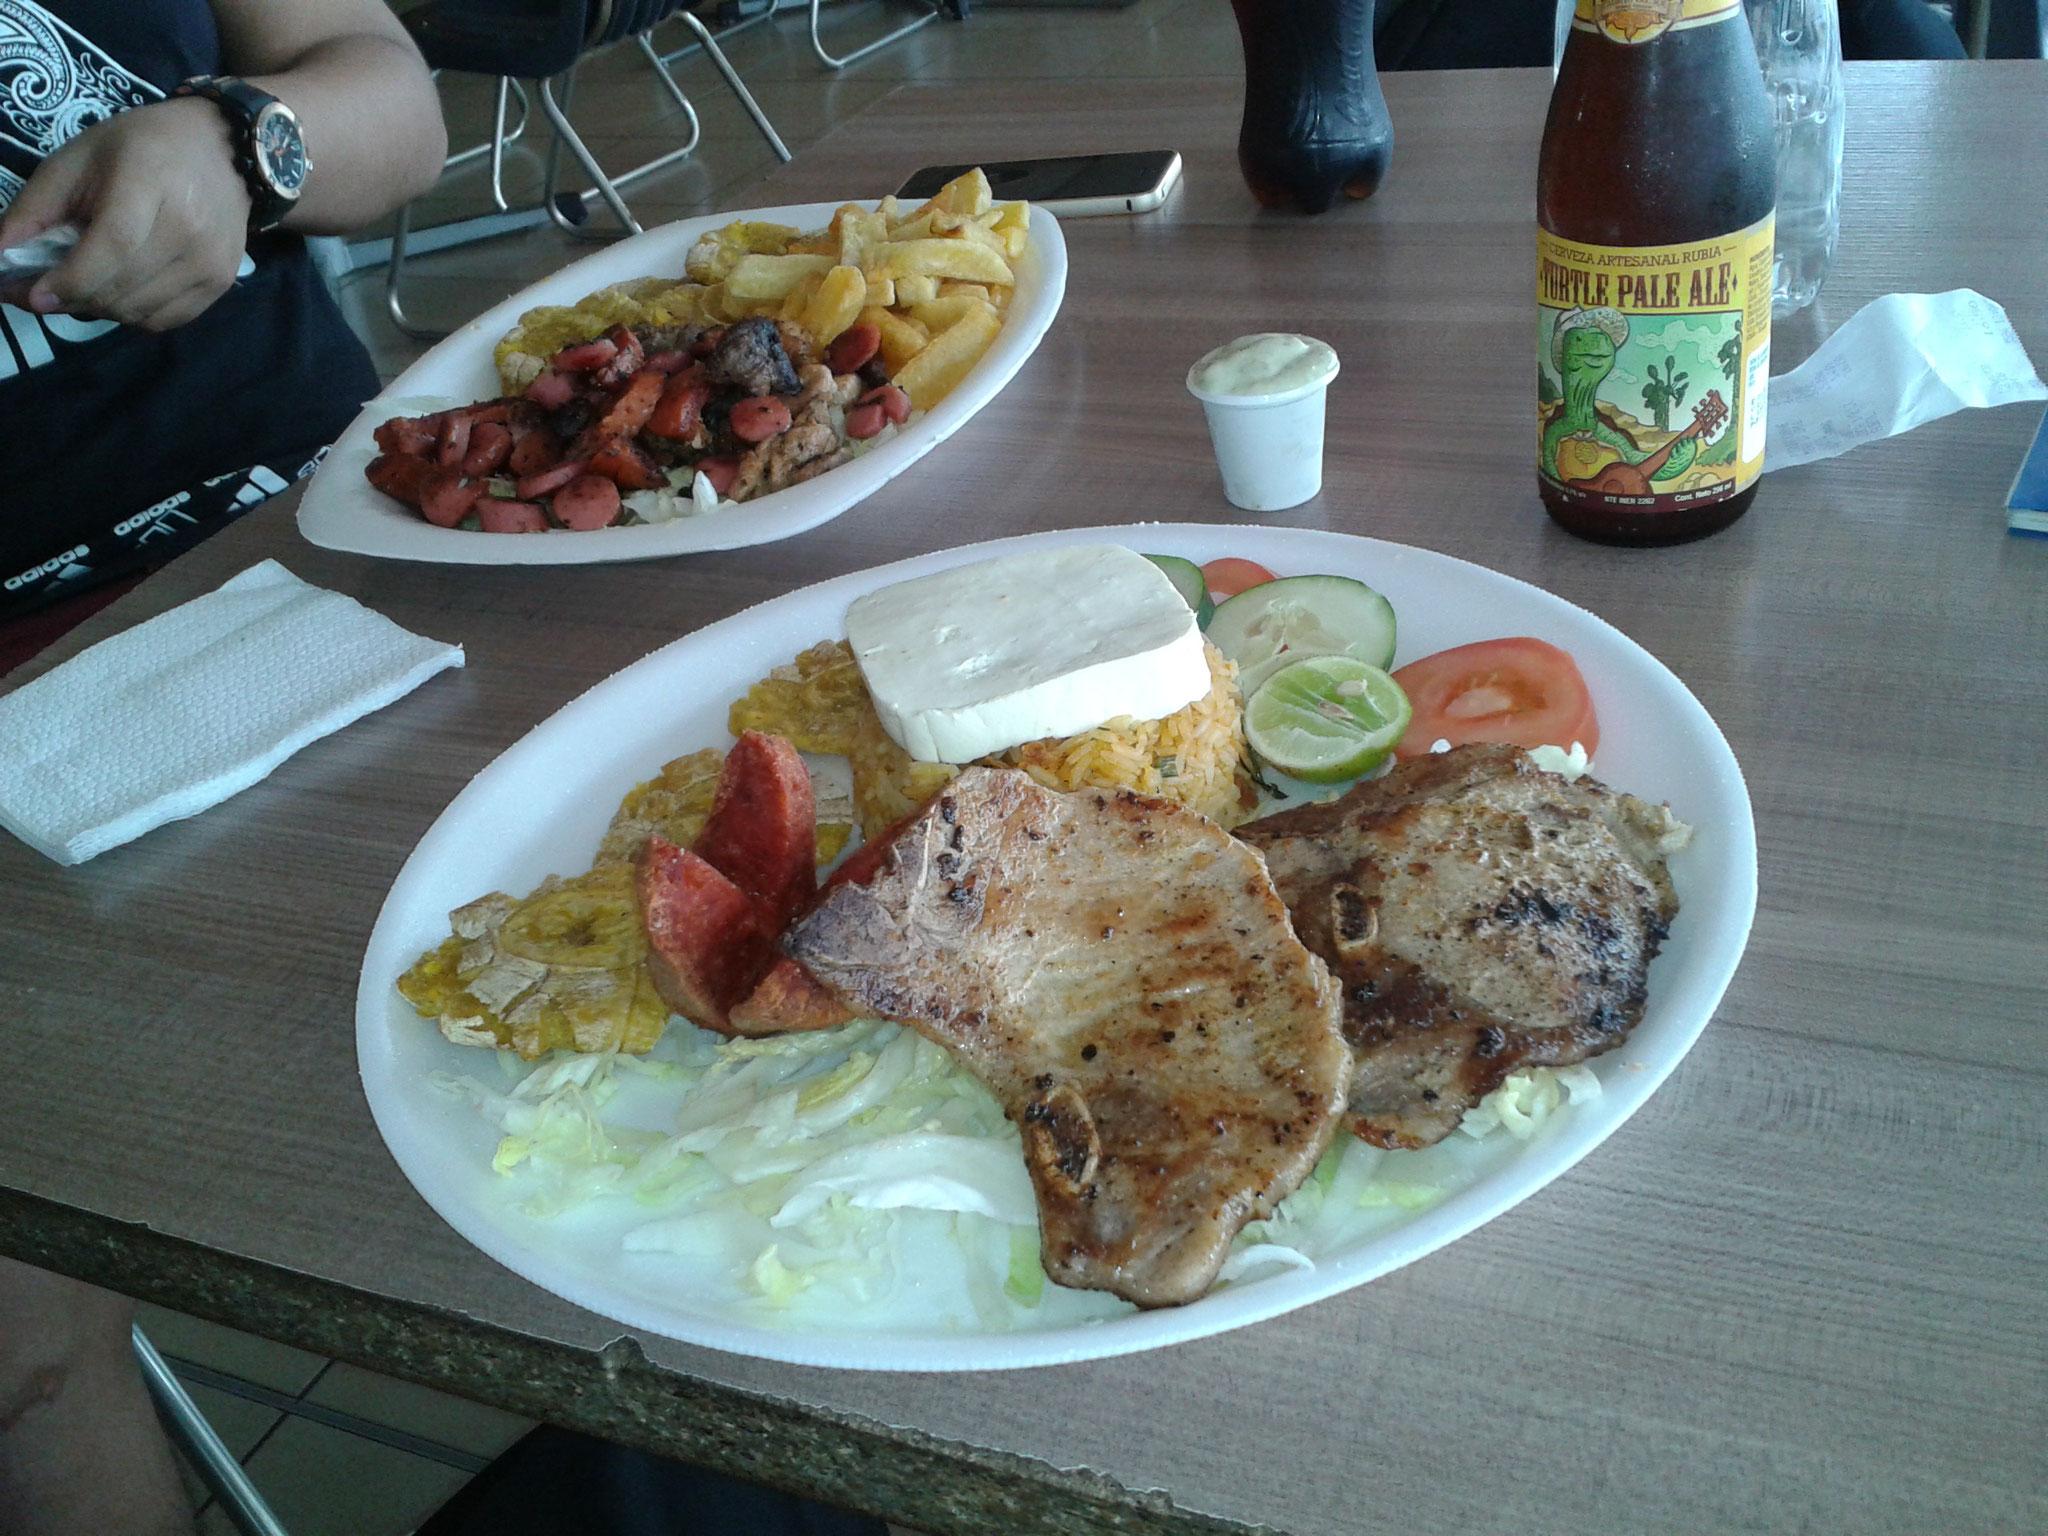 Un repas et une bière artisanale équatorienne au Malecon 2000